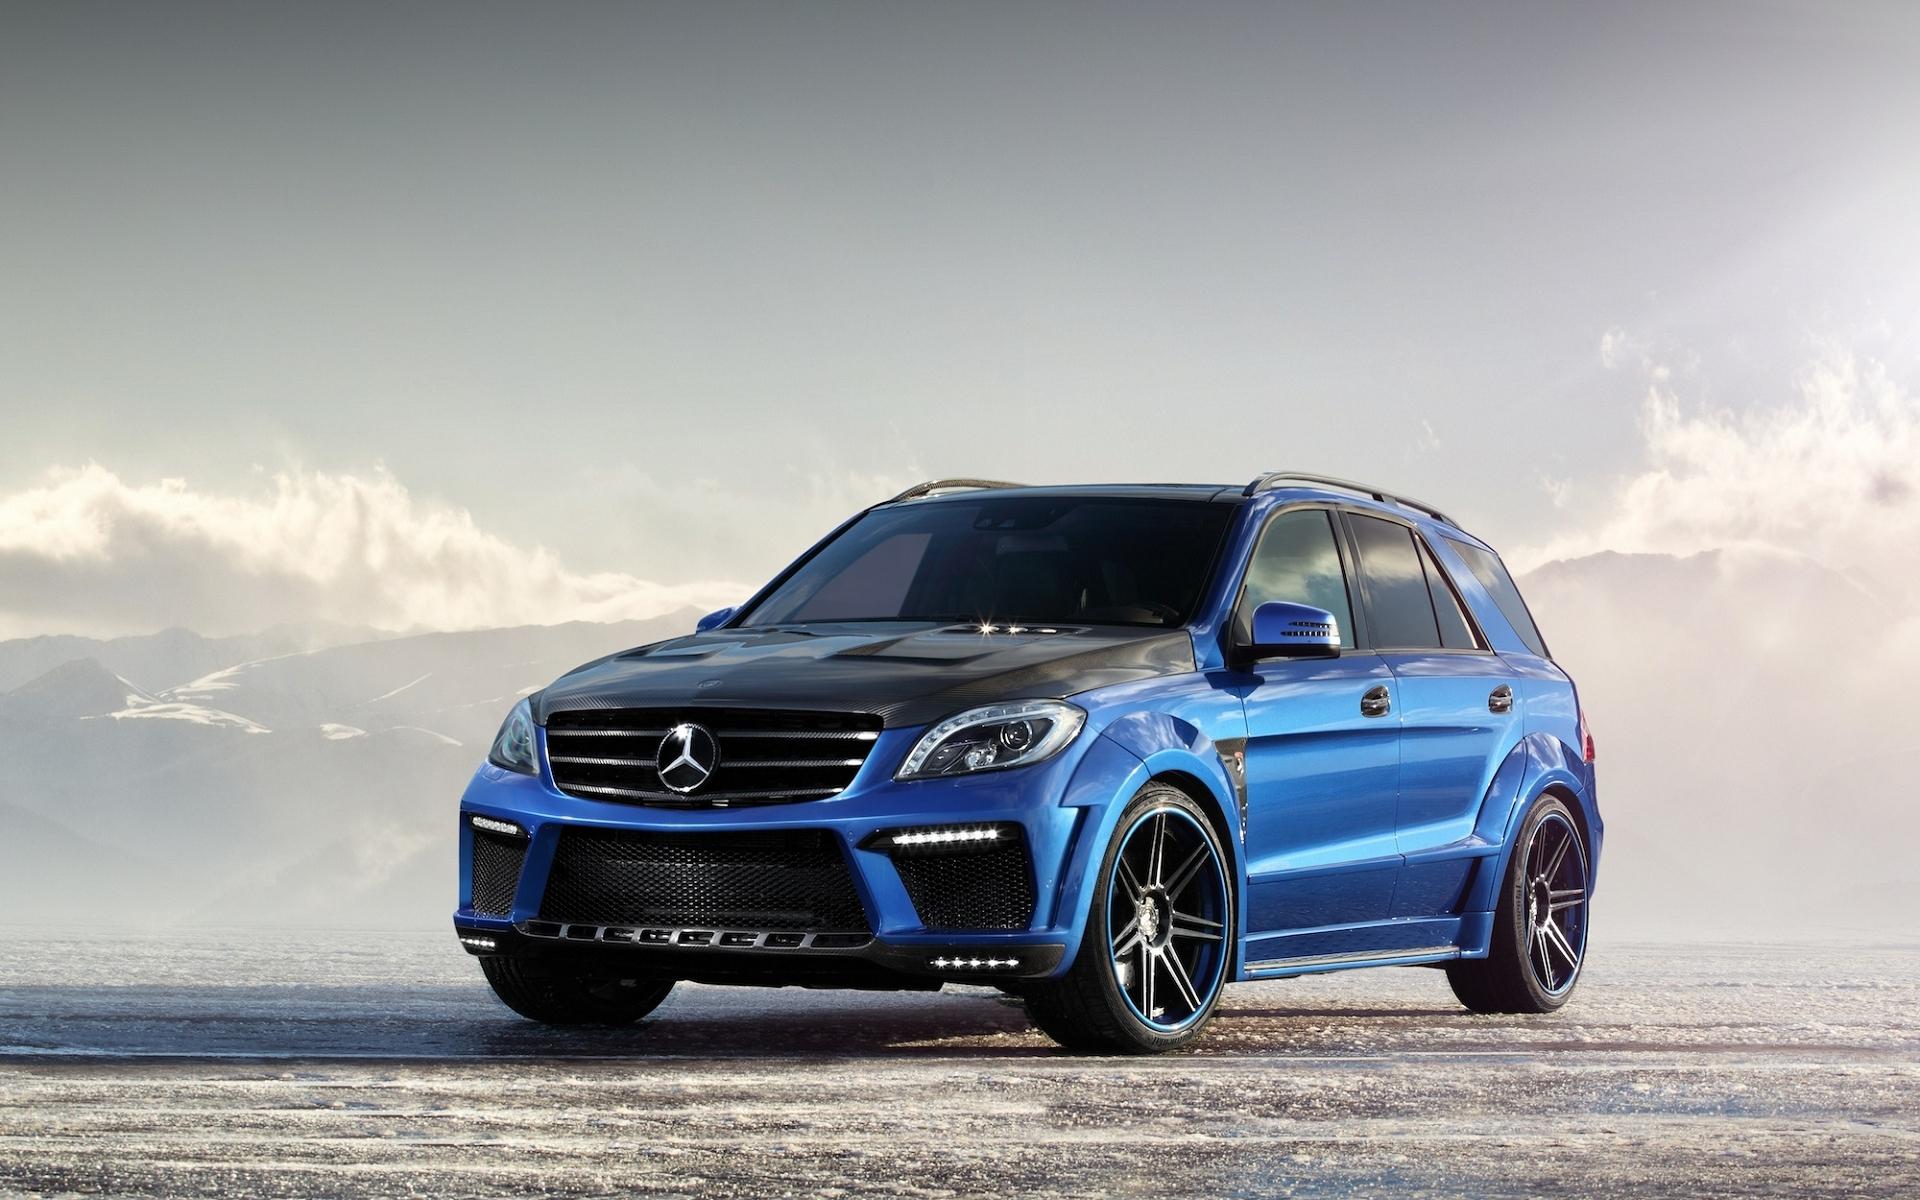 36594 скачать обои Транспорт, Машины, Мерседес (Mercedes) - заставки и картинки бесплатно